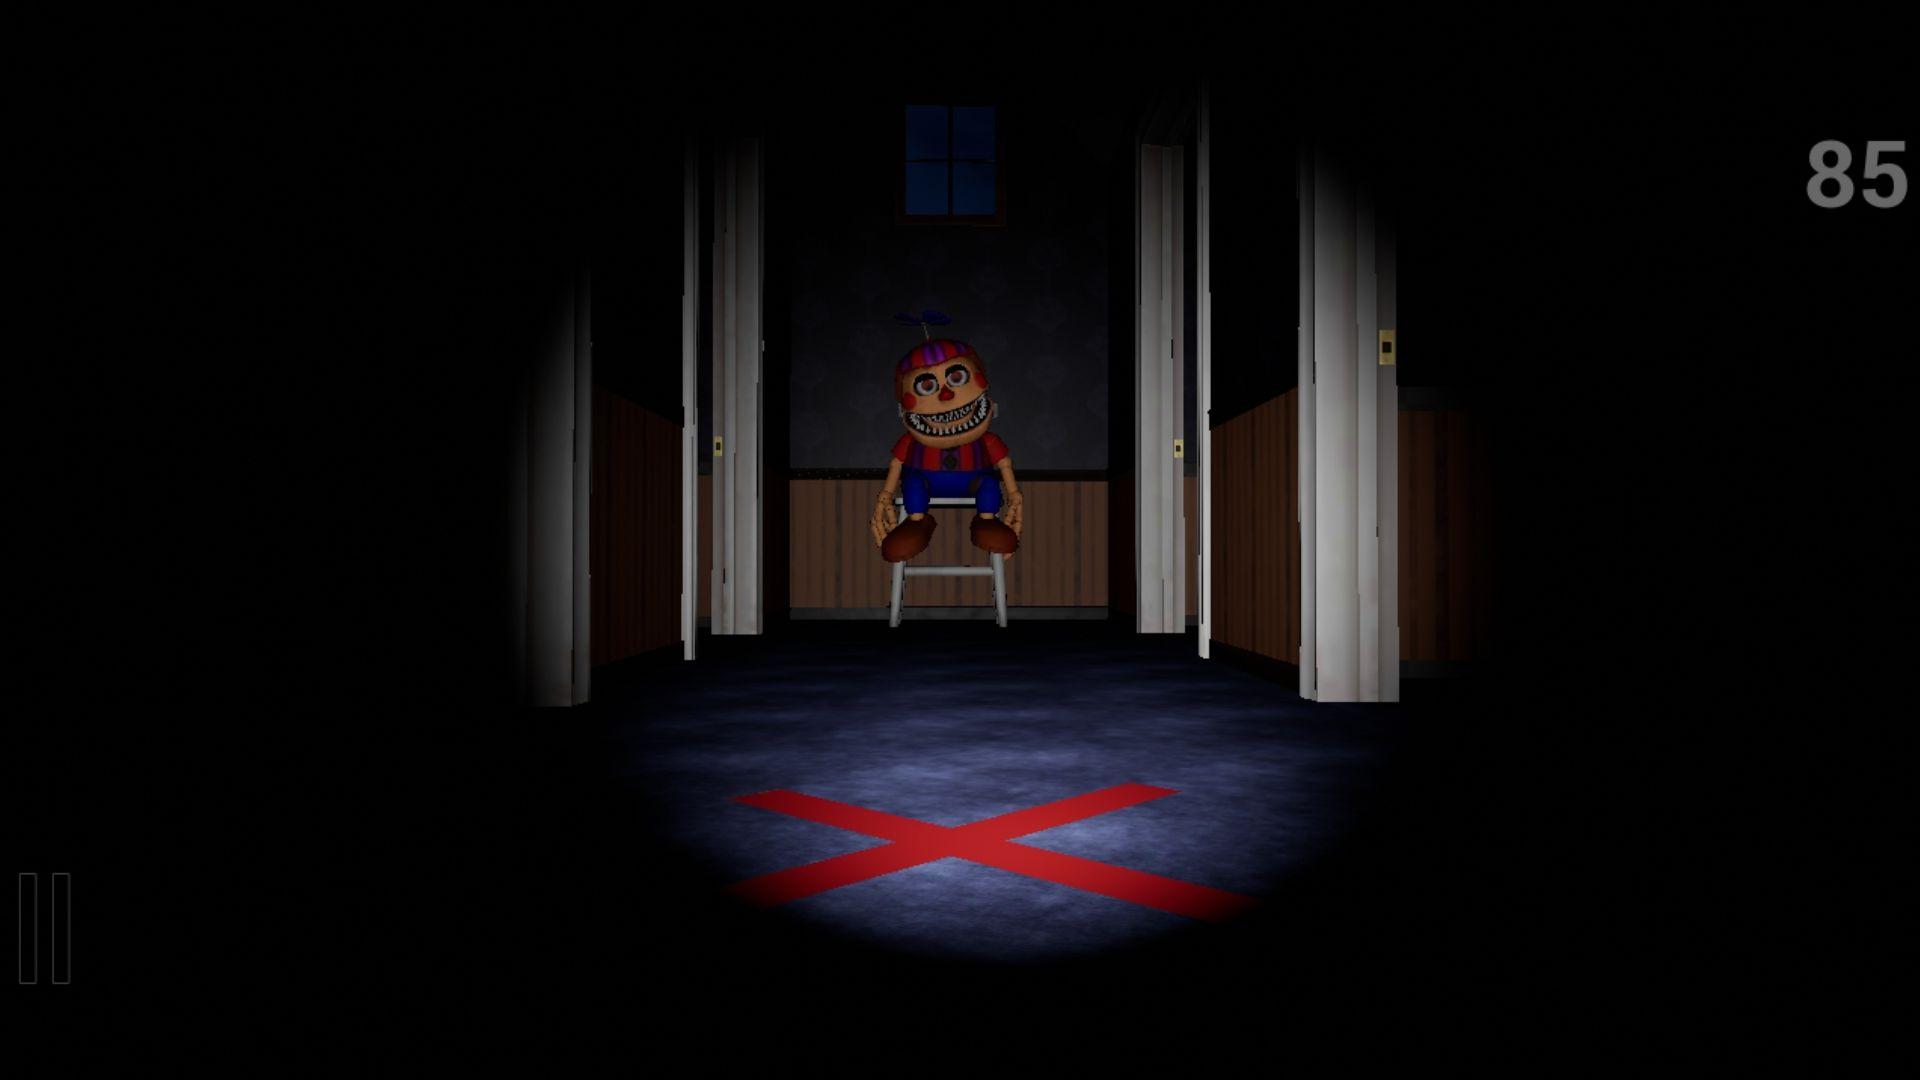 Five Night's at Freddy's: HW captura de pantalla 1